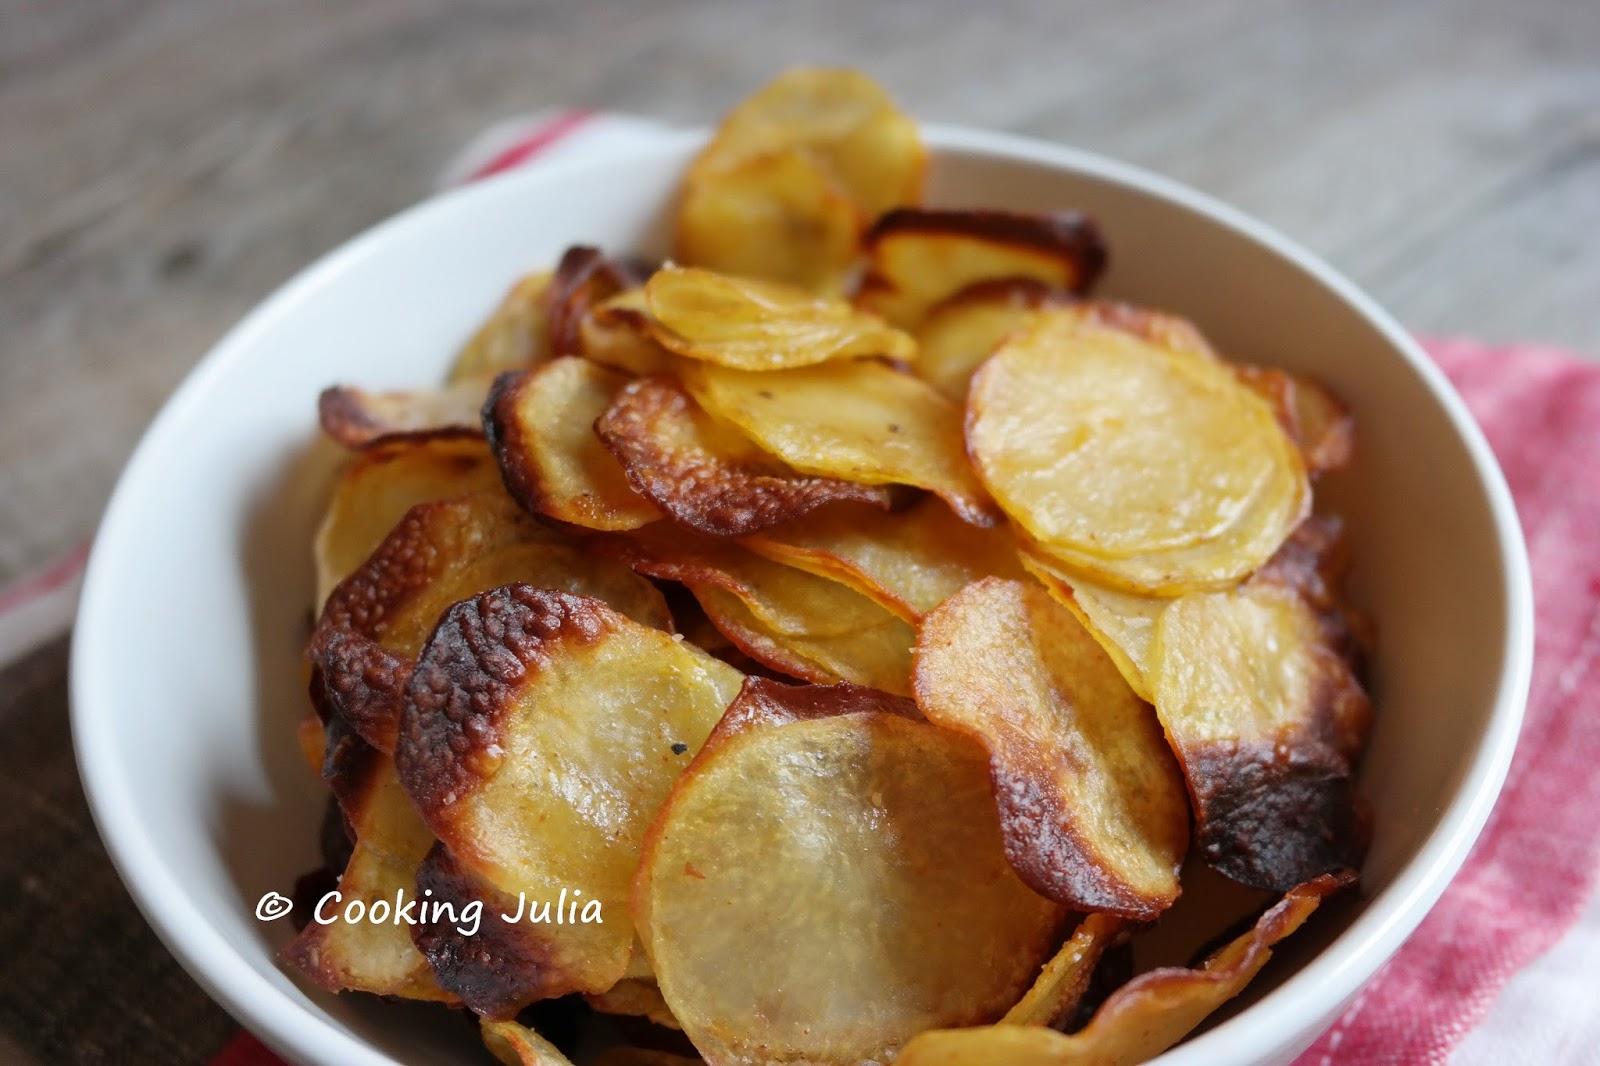 Cooking julia chips maison l g res au four - Chips fait maison au four ...